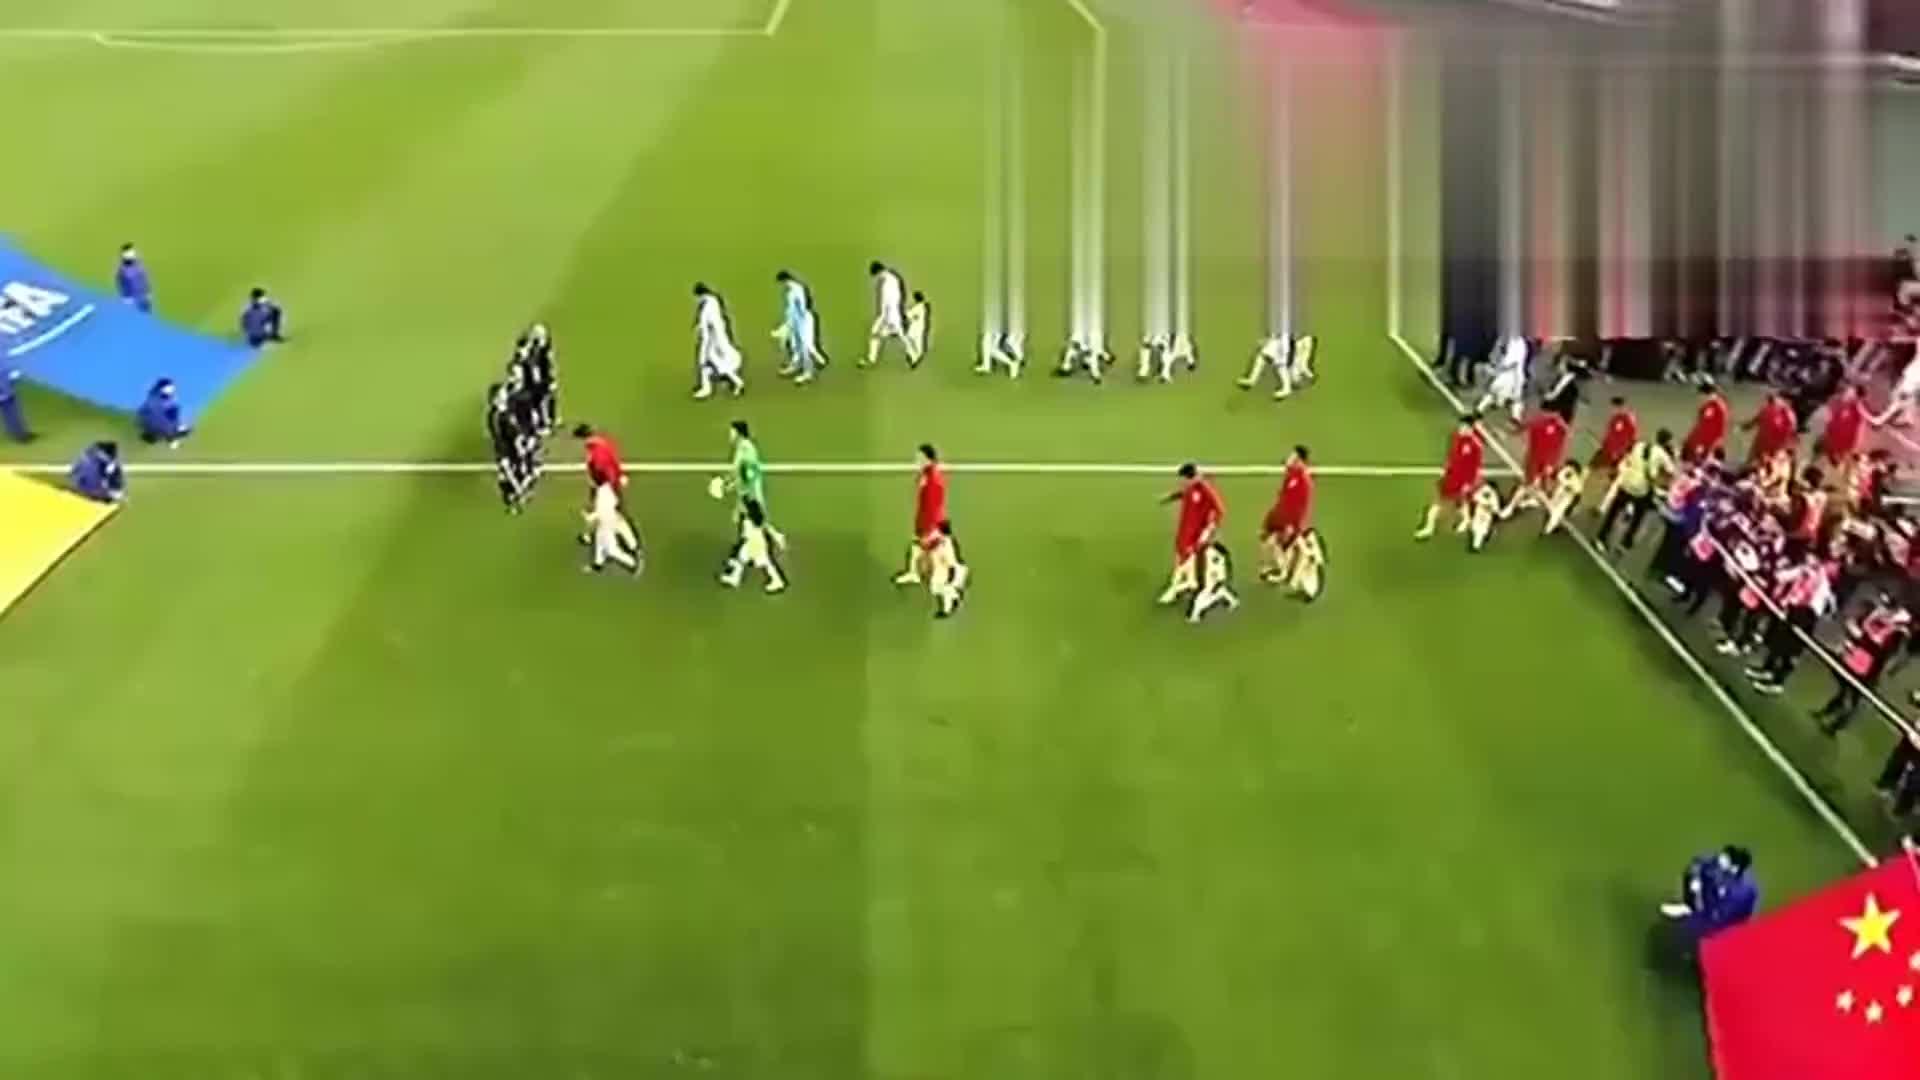 国足最强一战_要是能够继续踢下去_进世界杯就看到新闻了